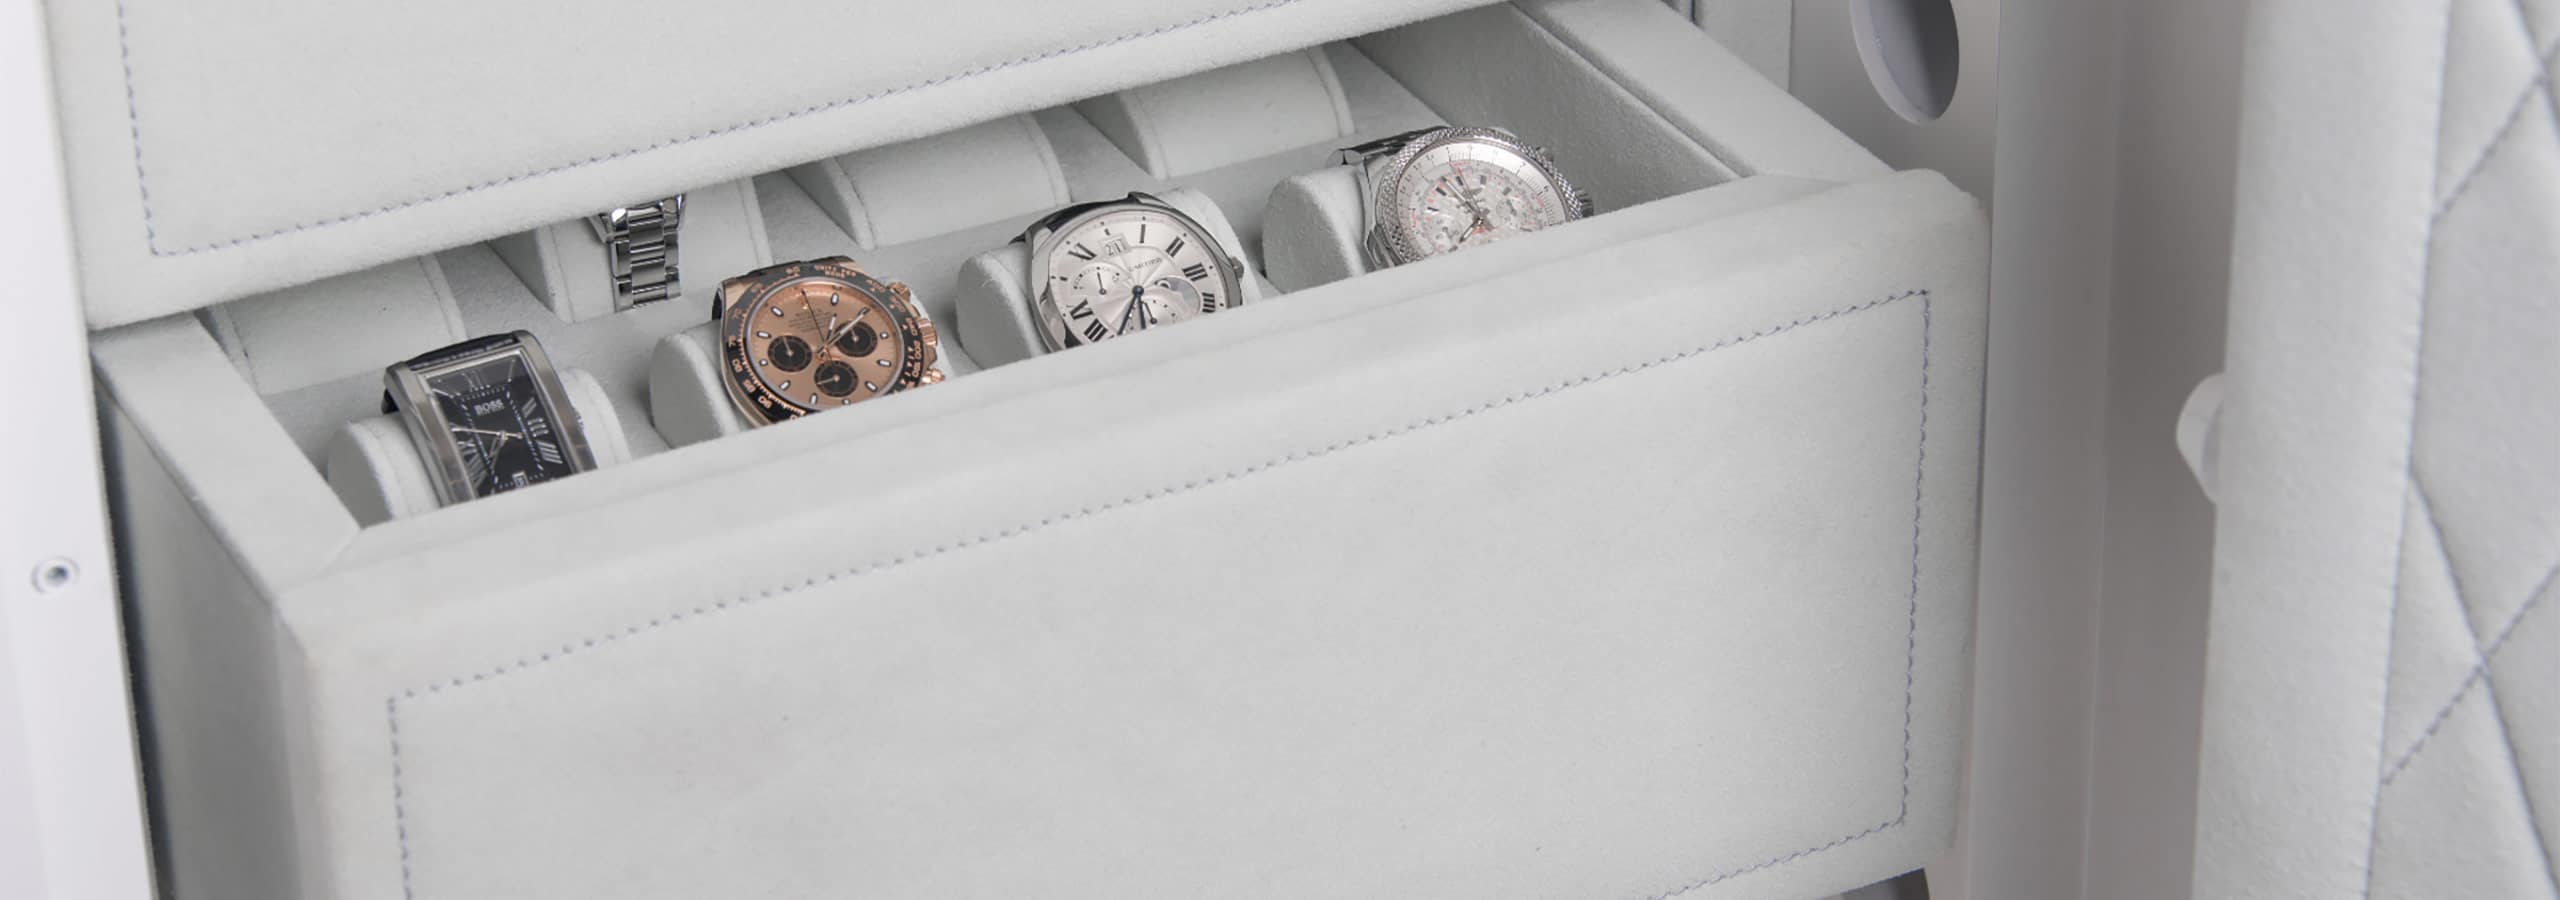 Associated Security luxury safe